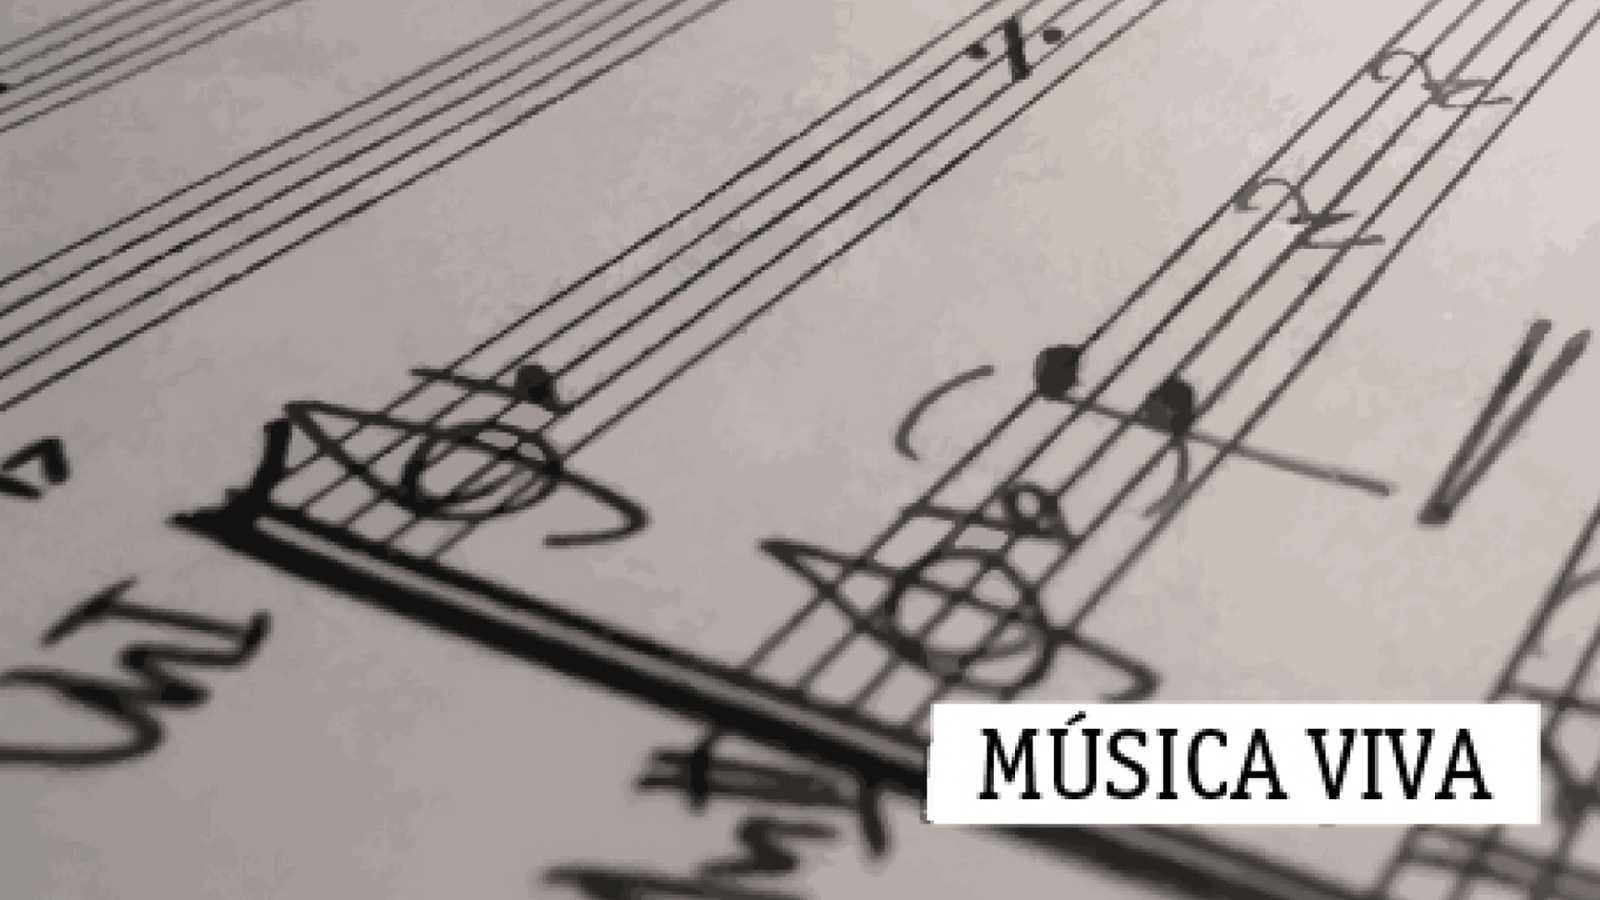 Música Viva - Nueva ópera de Marcos Fernández - 08/11/20 - escuchar ahora